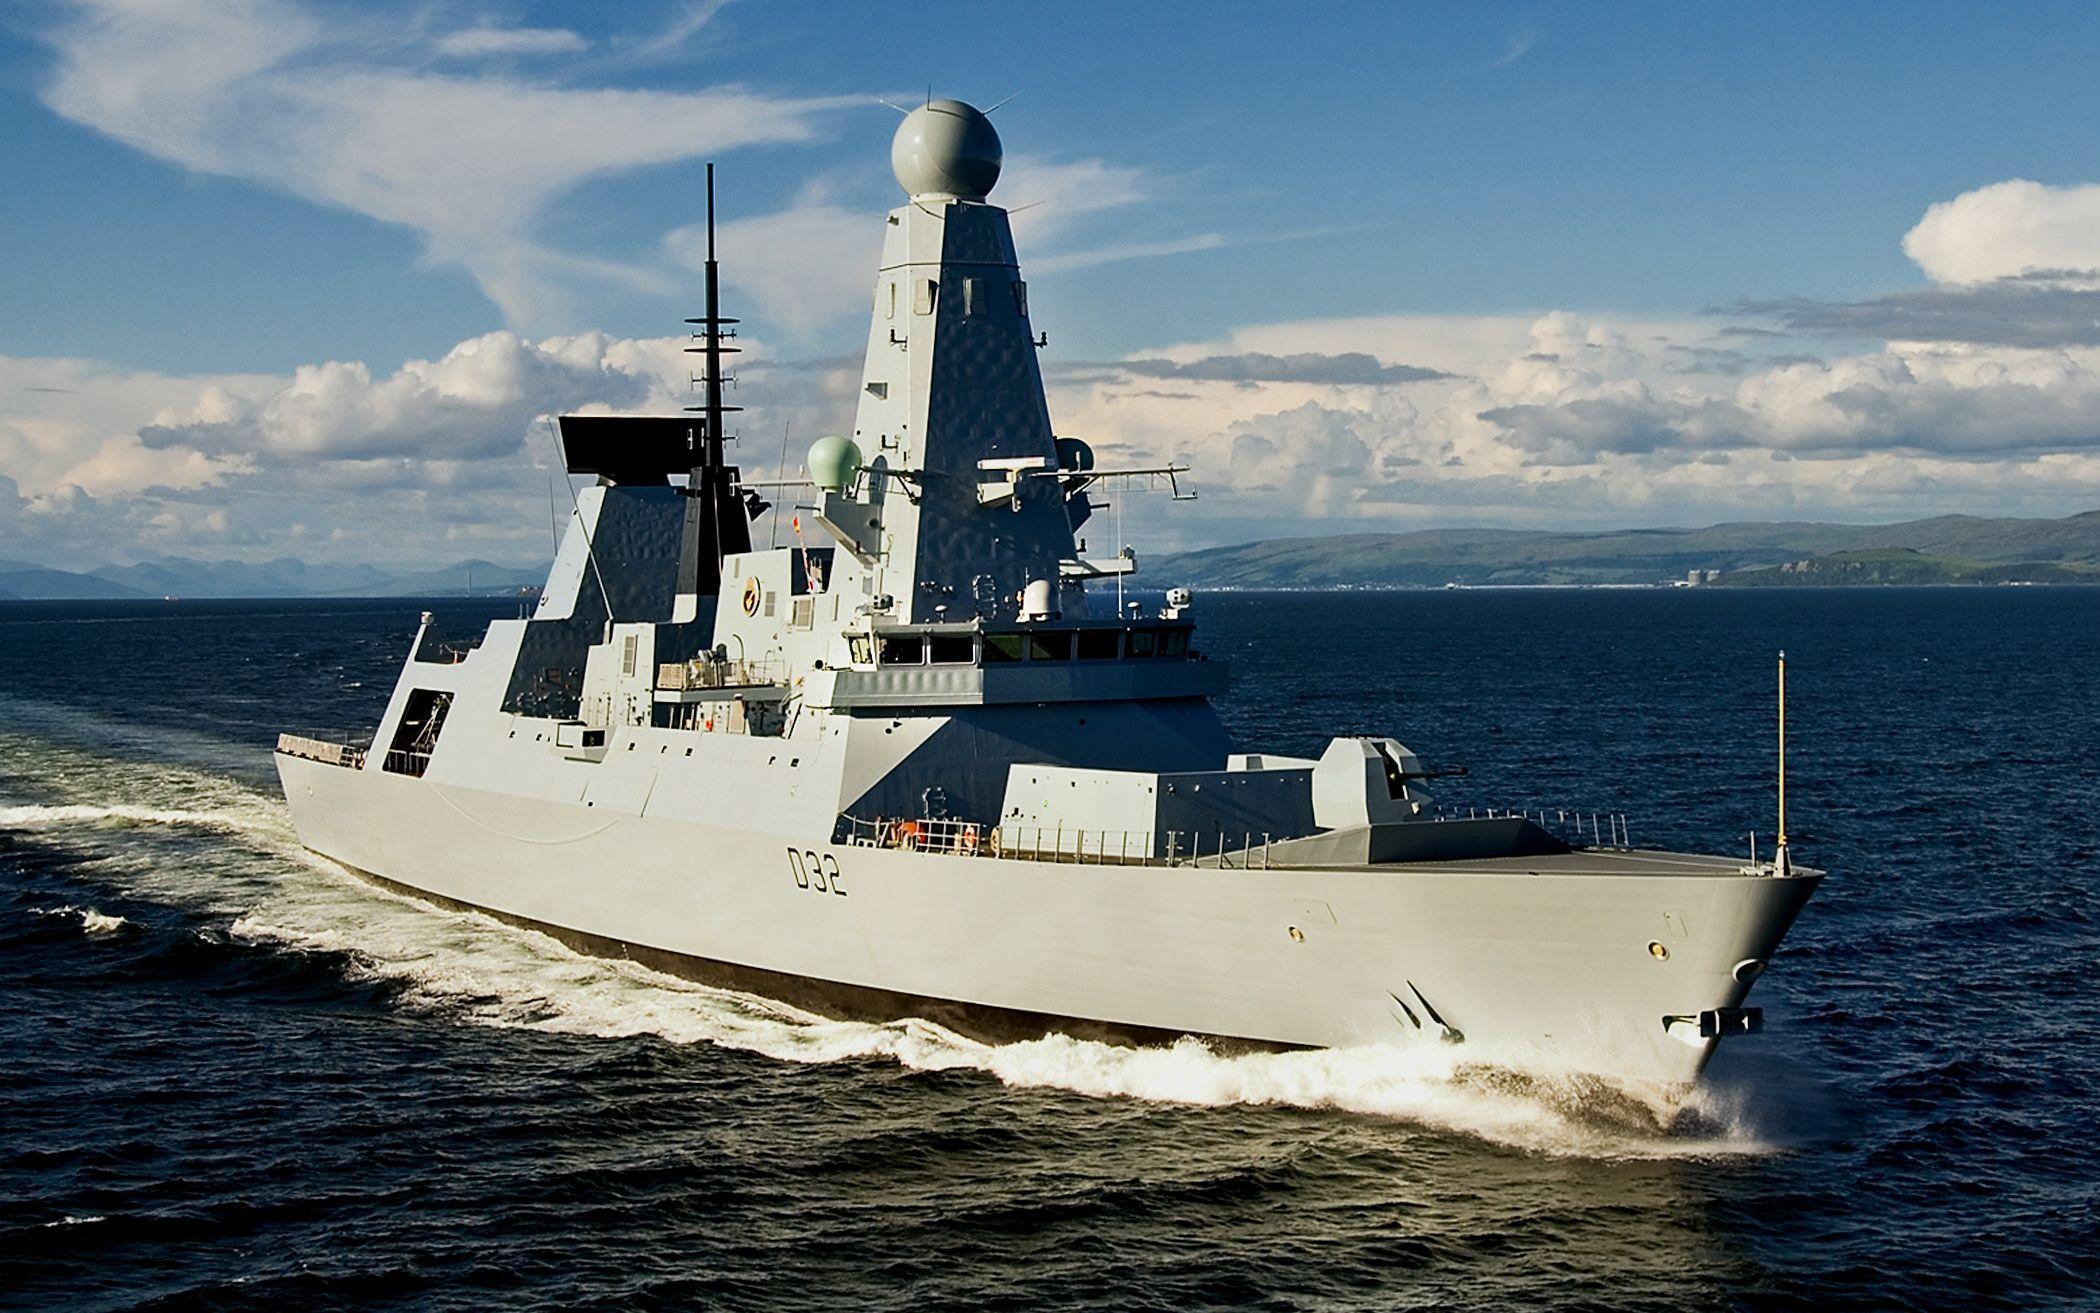 英国出动军舰支援乌克兰,却遭俄军包围,约翰逊吃够亏了没?